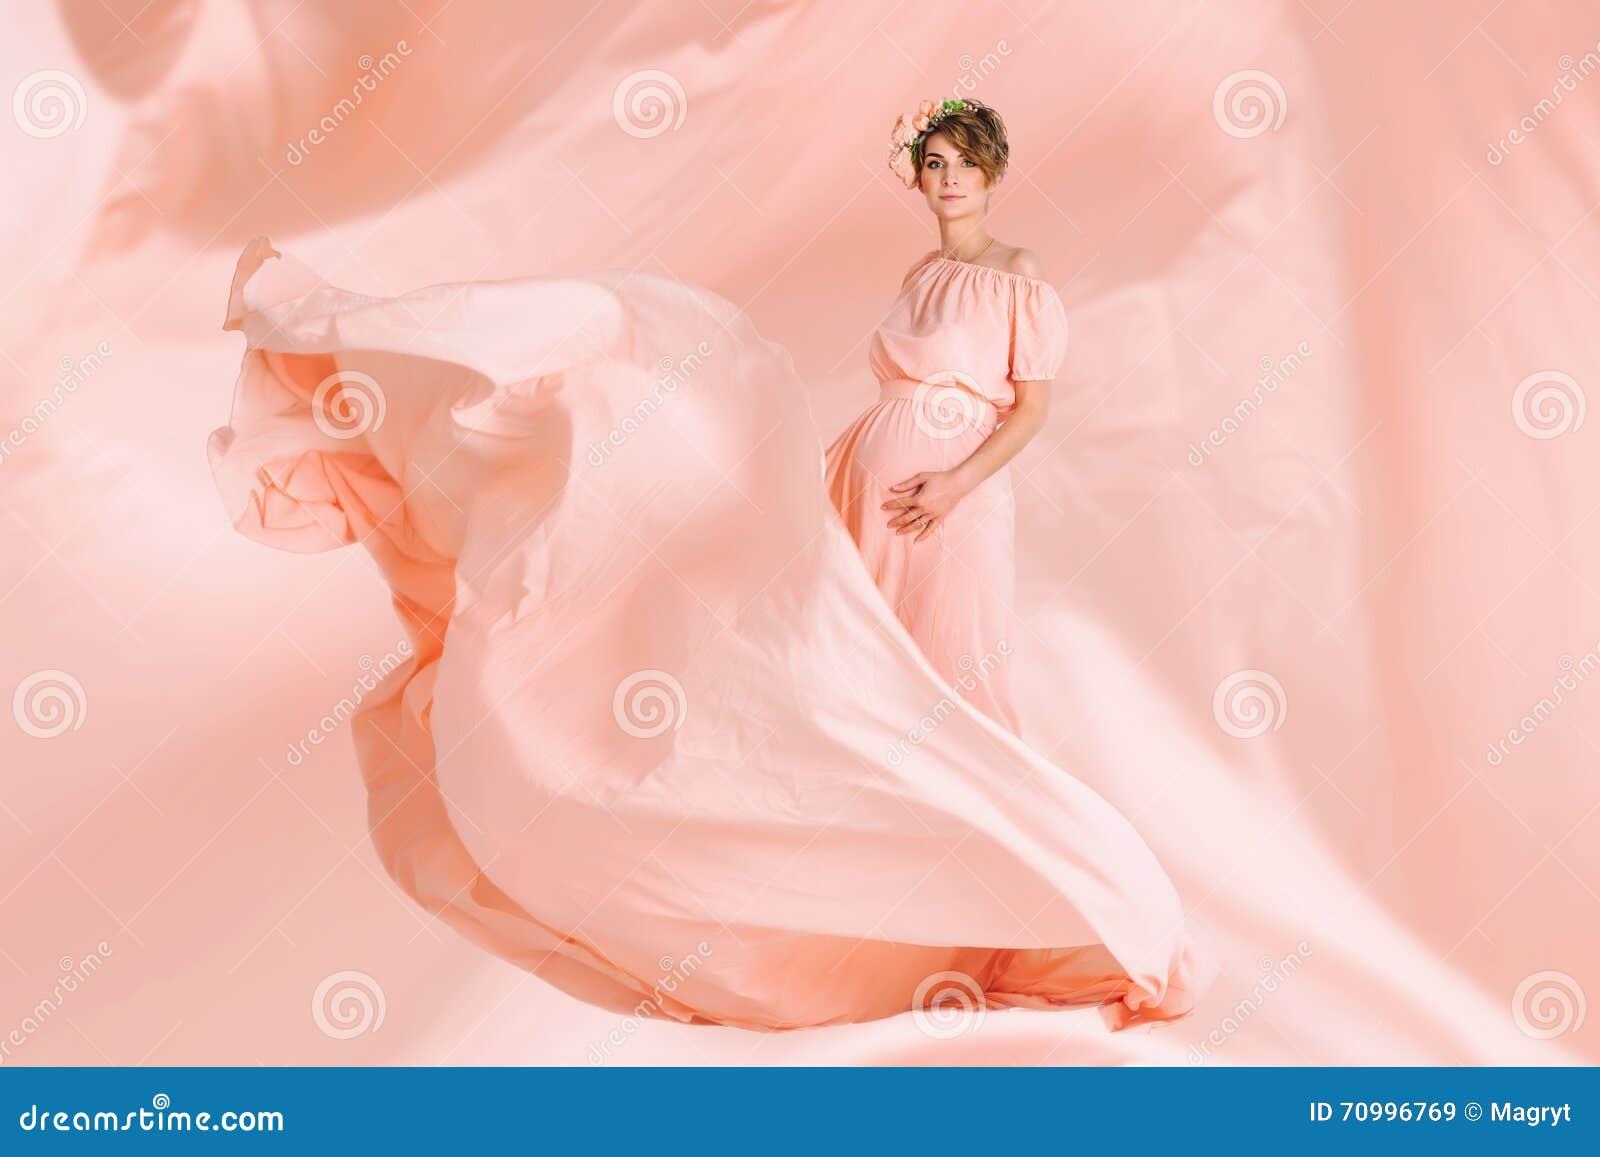 Baile De La Mujer Embarazada En El Vuelo Rosado Del Vestido De Noche ...